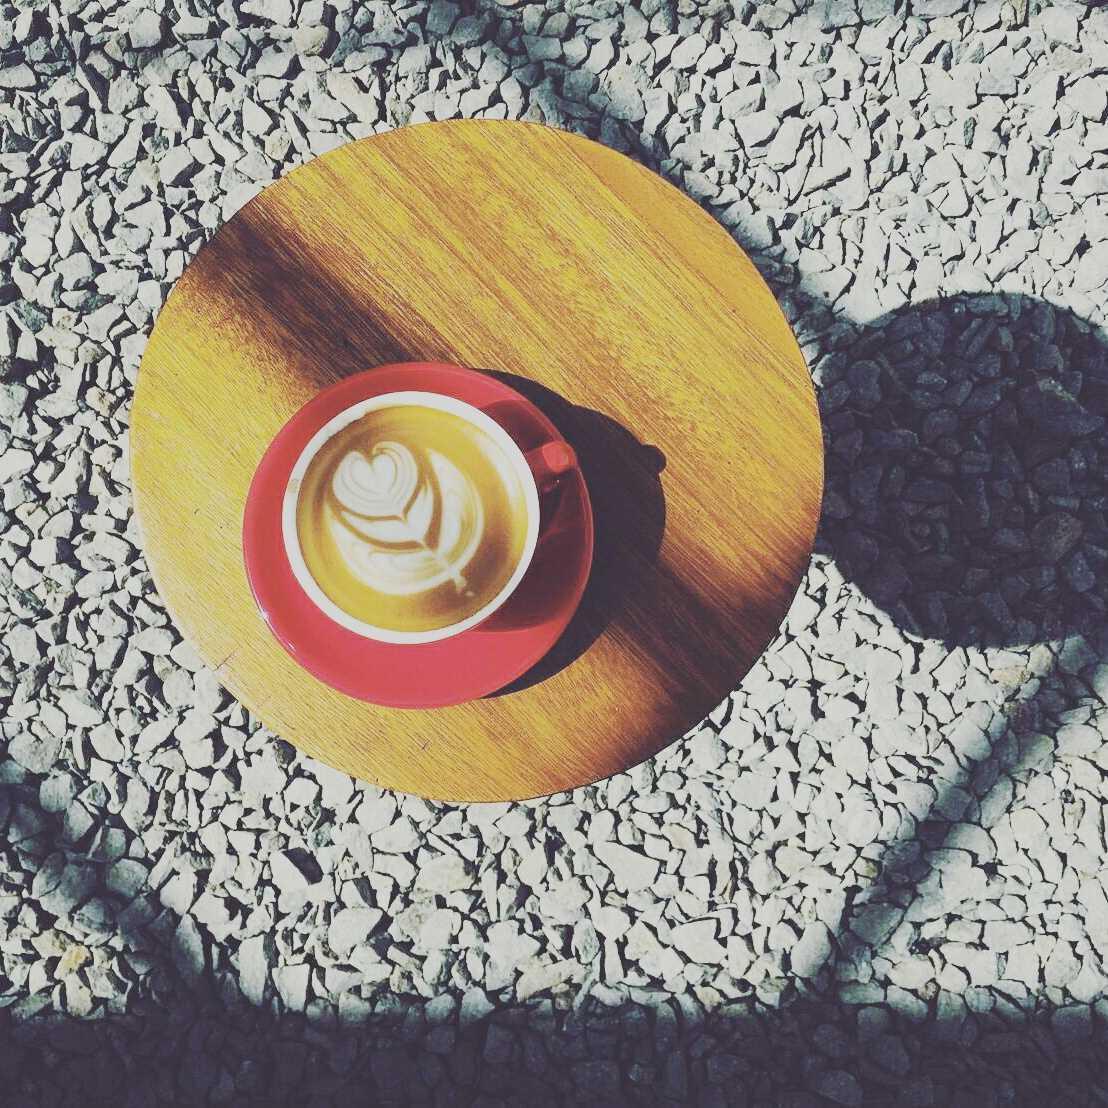 Rdesign Coffee No.45 Bekasi Jl. Taman Wisma Asri, Bekasi, Jawa Barat Jl. Taman Wisma Asri, Bekasi, Jawa Barat Img20170214231403215   26031